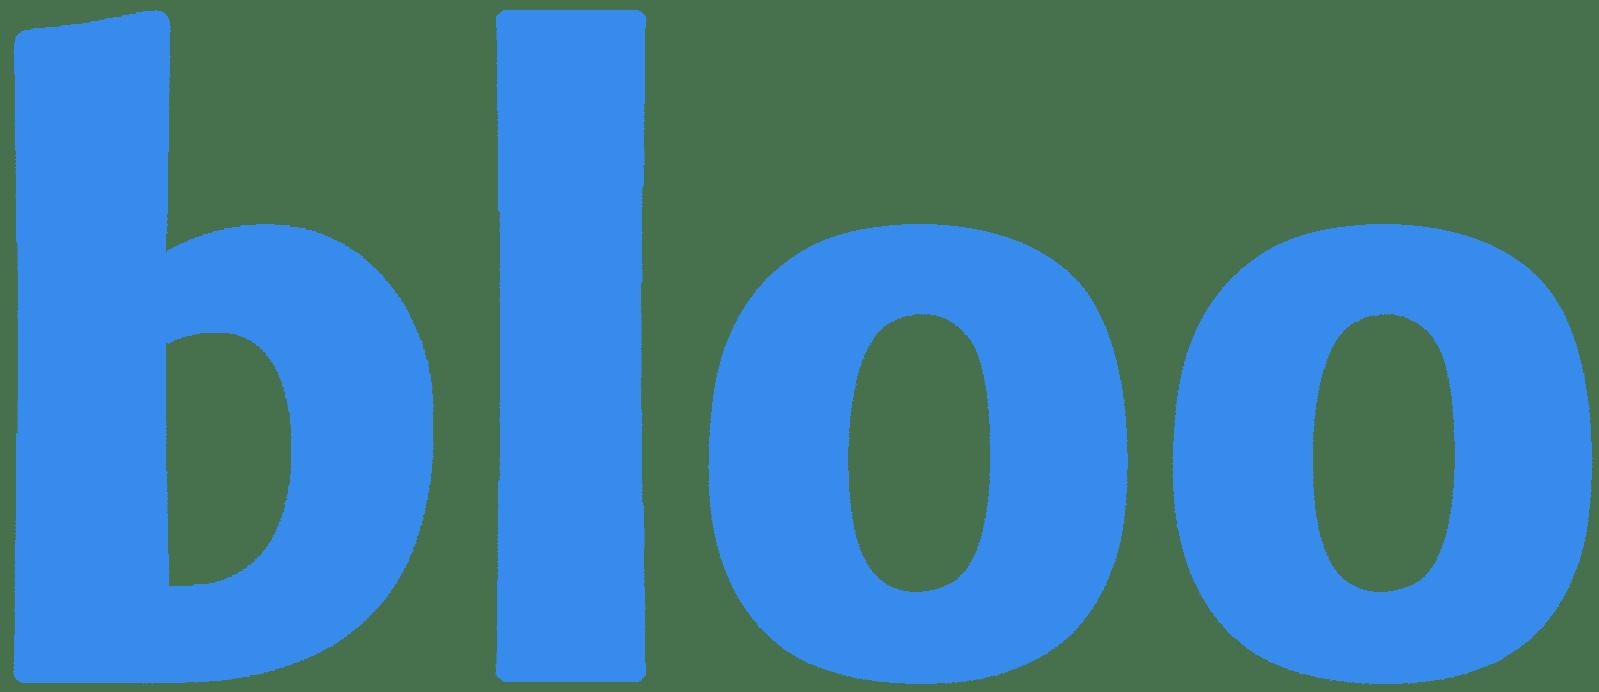 gobloo logo